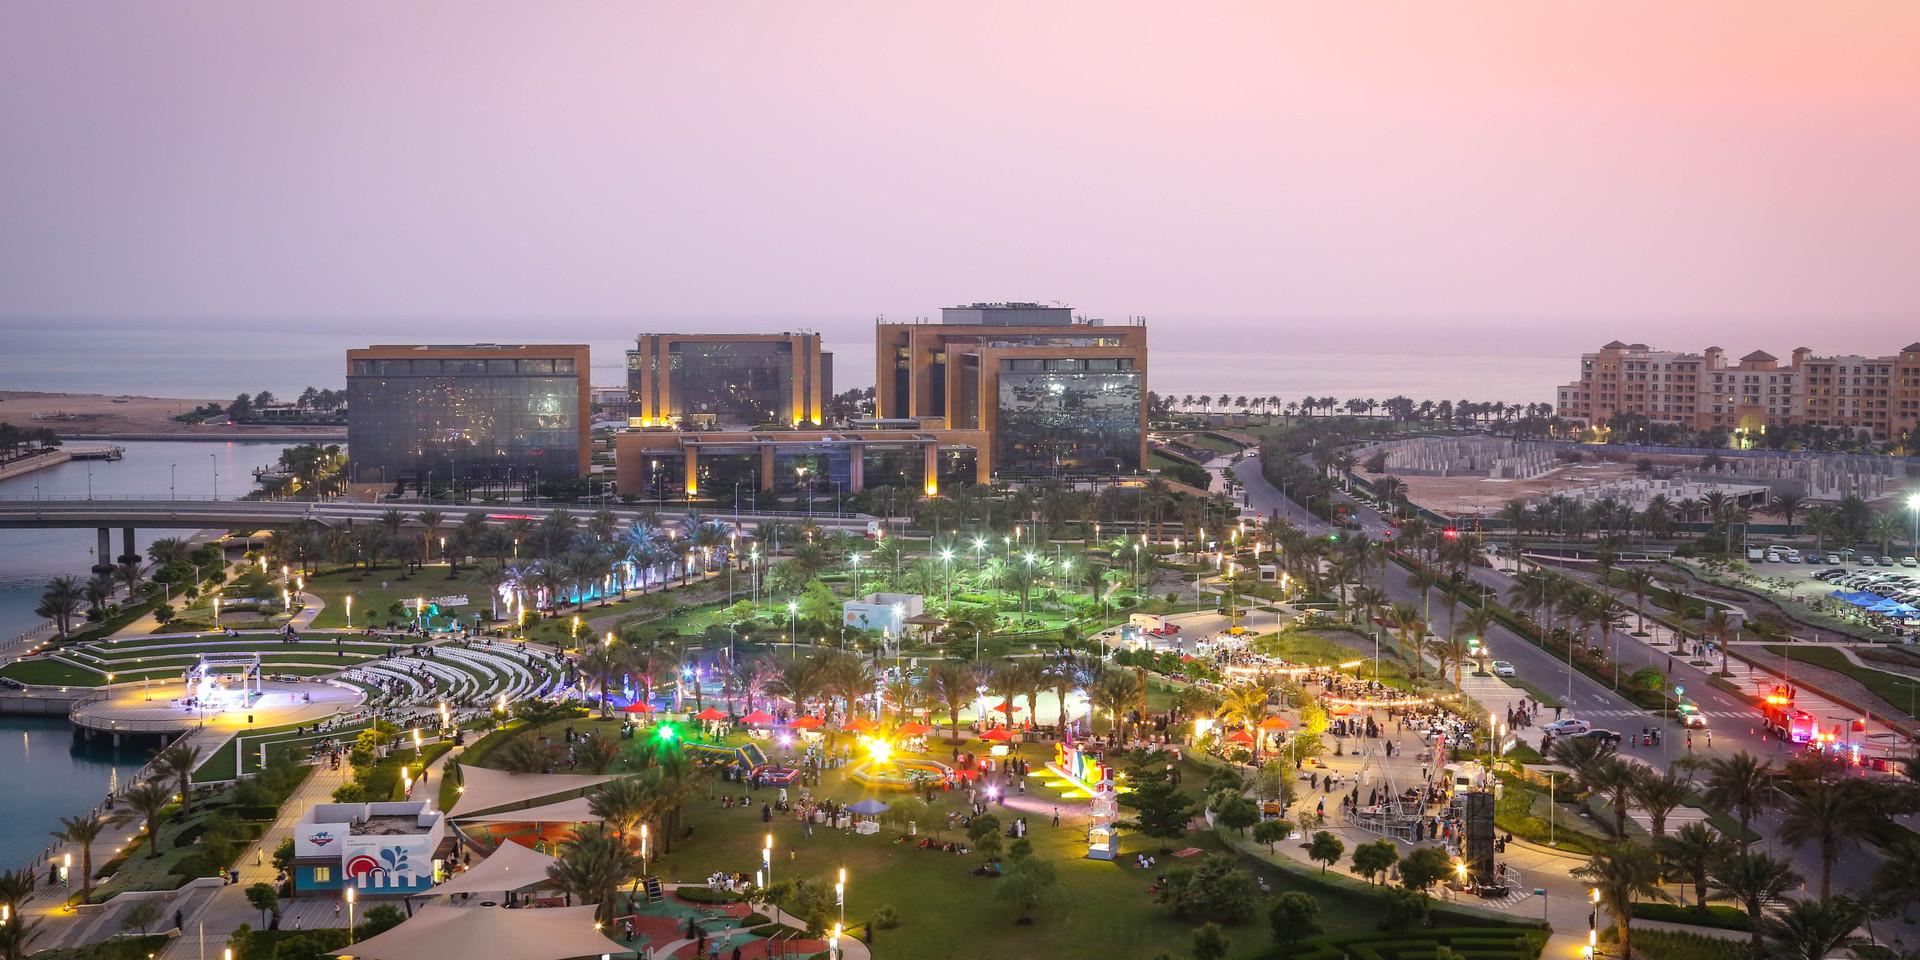 Emaar Hotel Active Components-KAEC